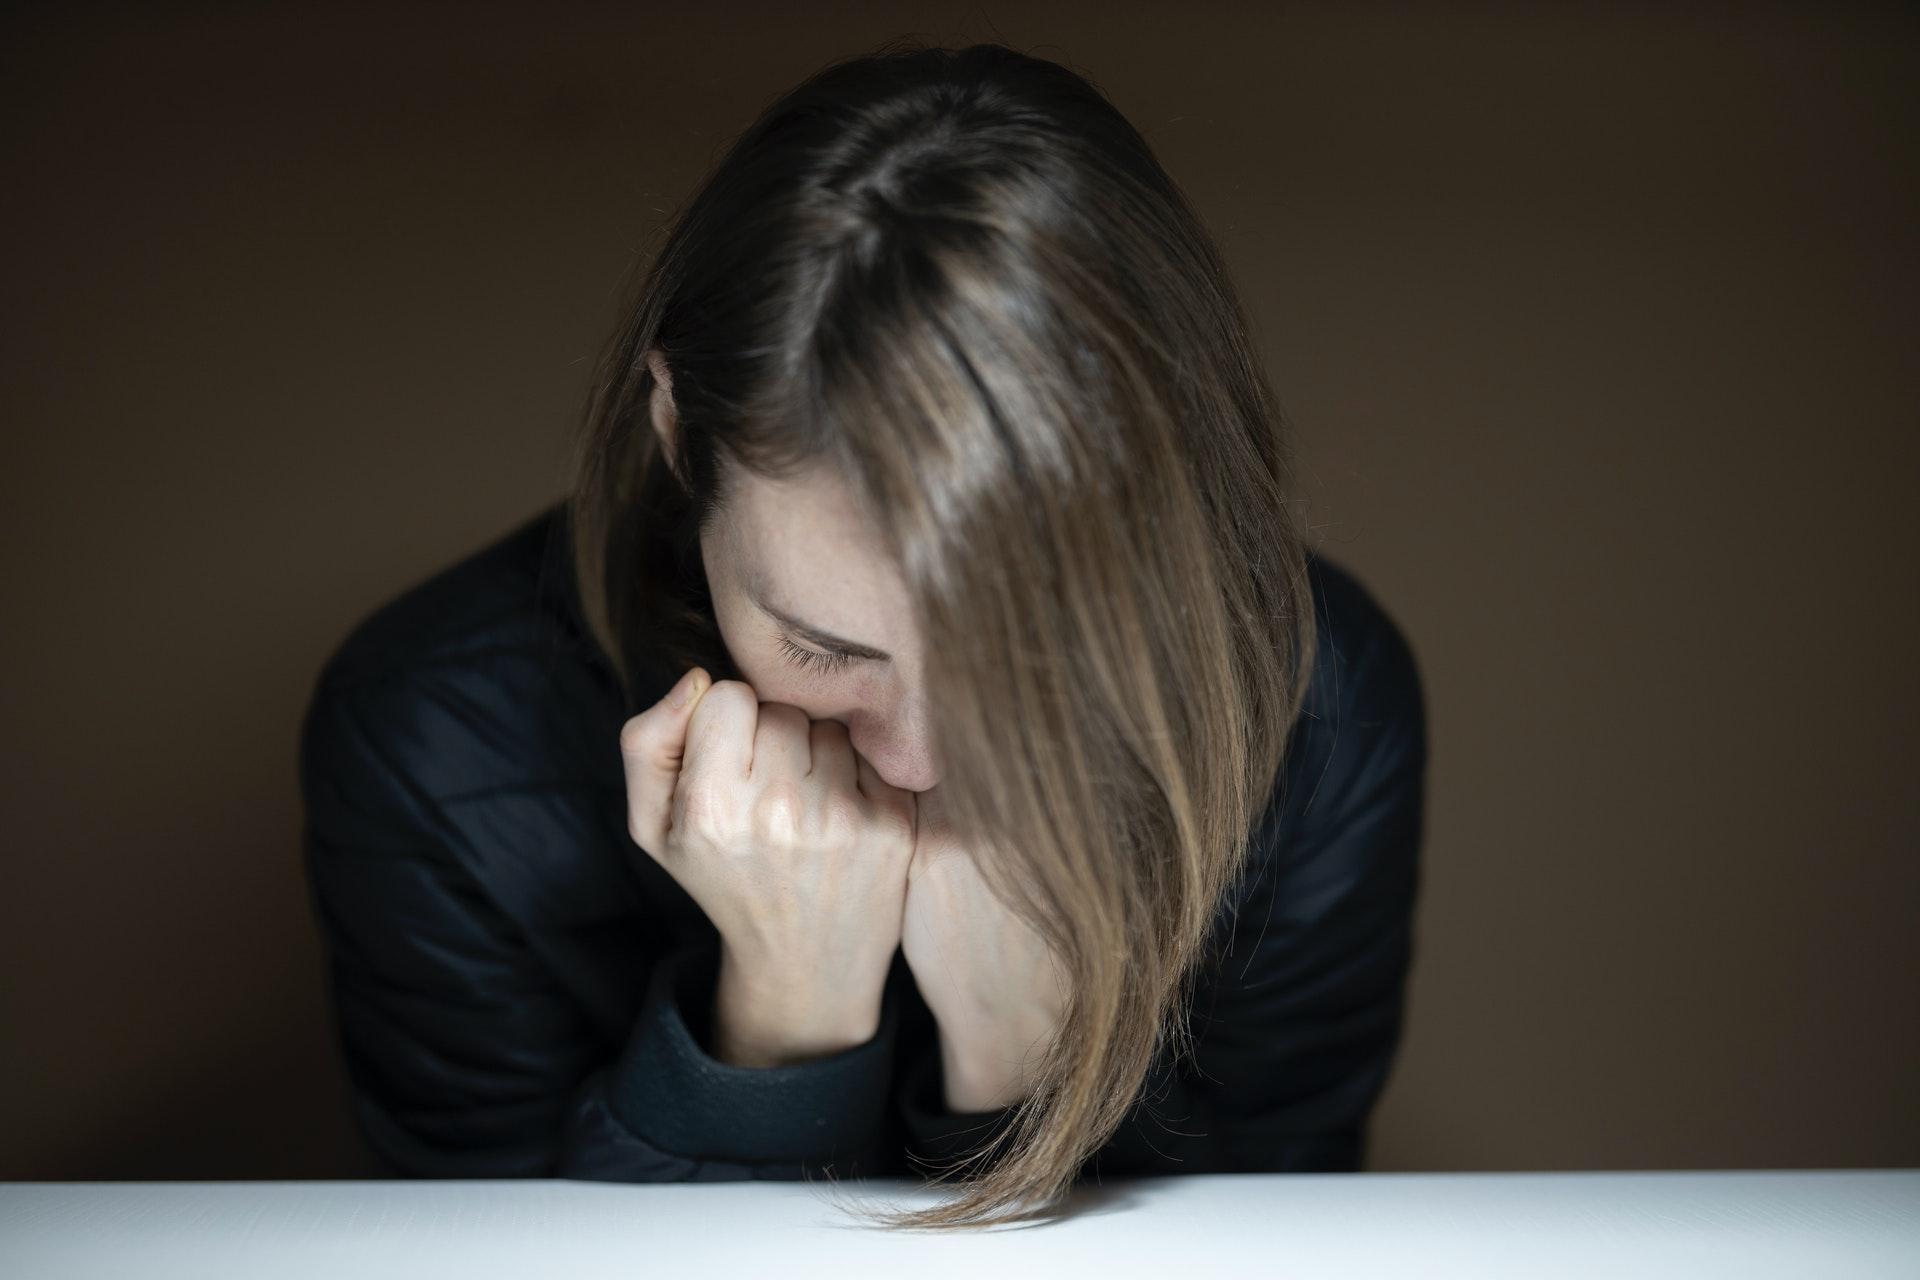 「彼の気持ちがわからない・・」男に振り回されるのはあなたの女性性が原因、その対策とは